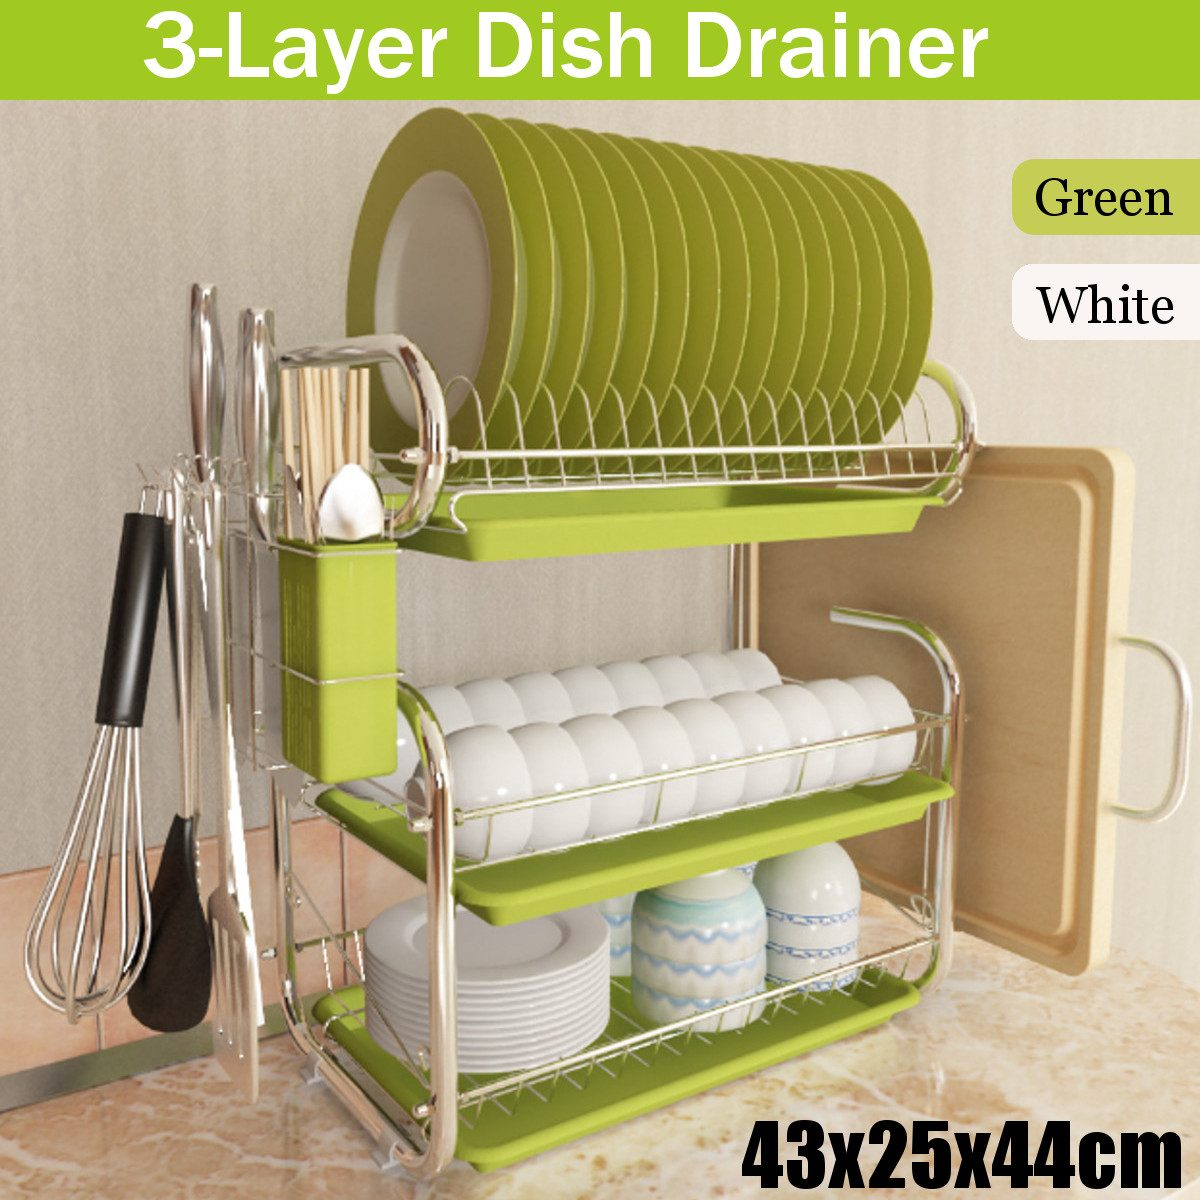 3 niveaux plat étendoir étagère de rangement cuisine égouttoir panier plaqué fer couteau évier égouttoir à vaisselle étendoir organisateur